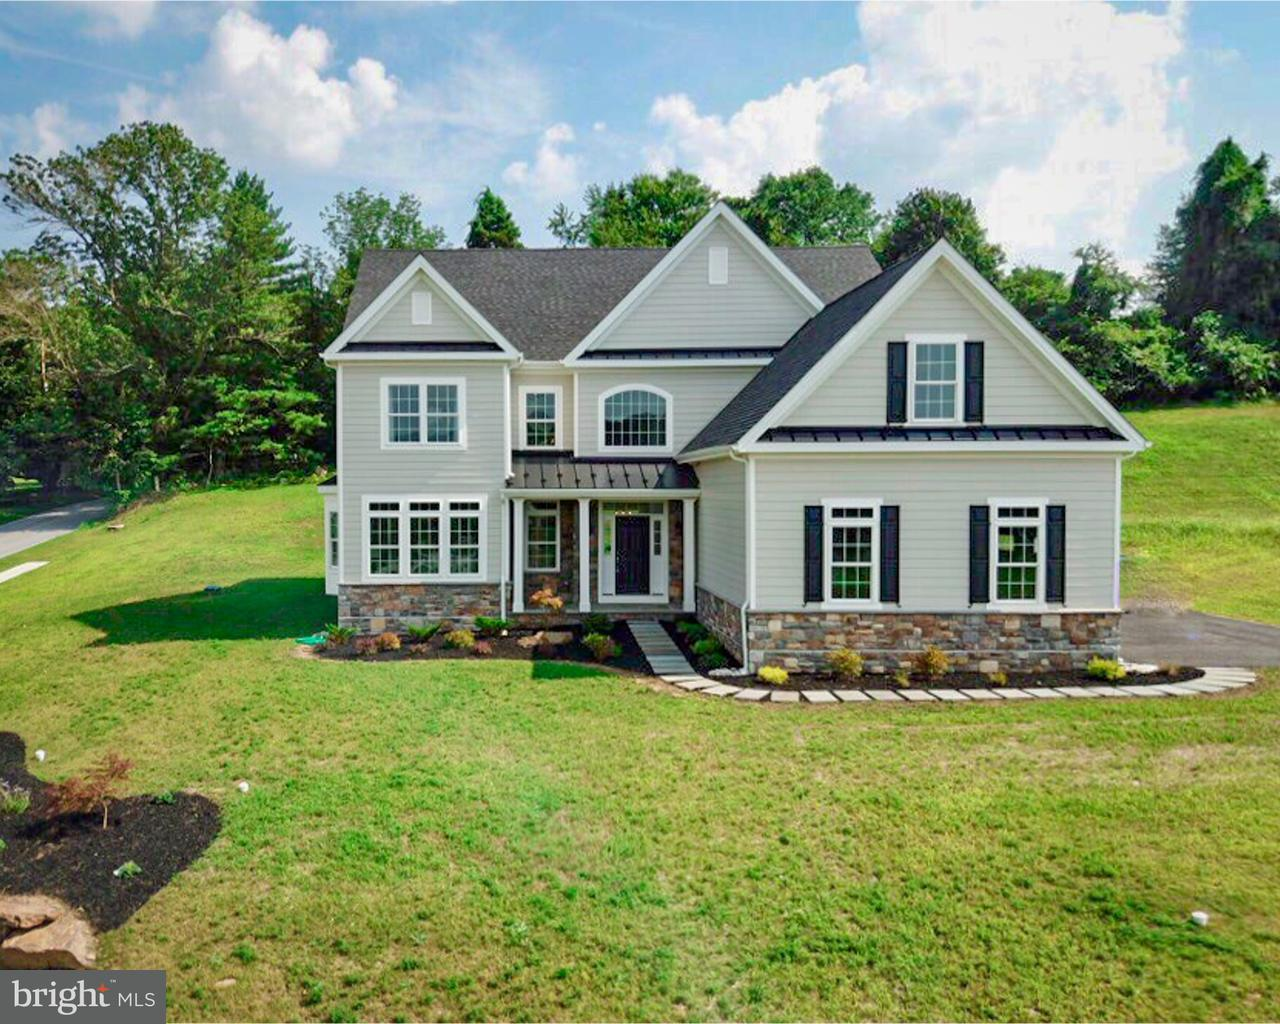 Частный односемейный дом для того Продажа на 2 GIANA WAY Glen Mills, Пенсильвания 19342 Соединенные Штаты